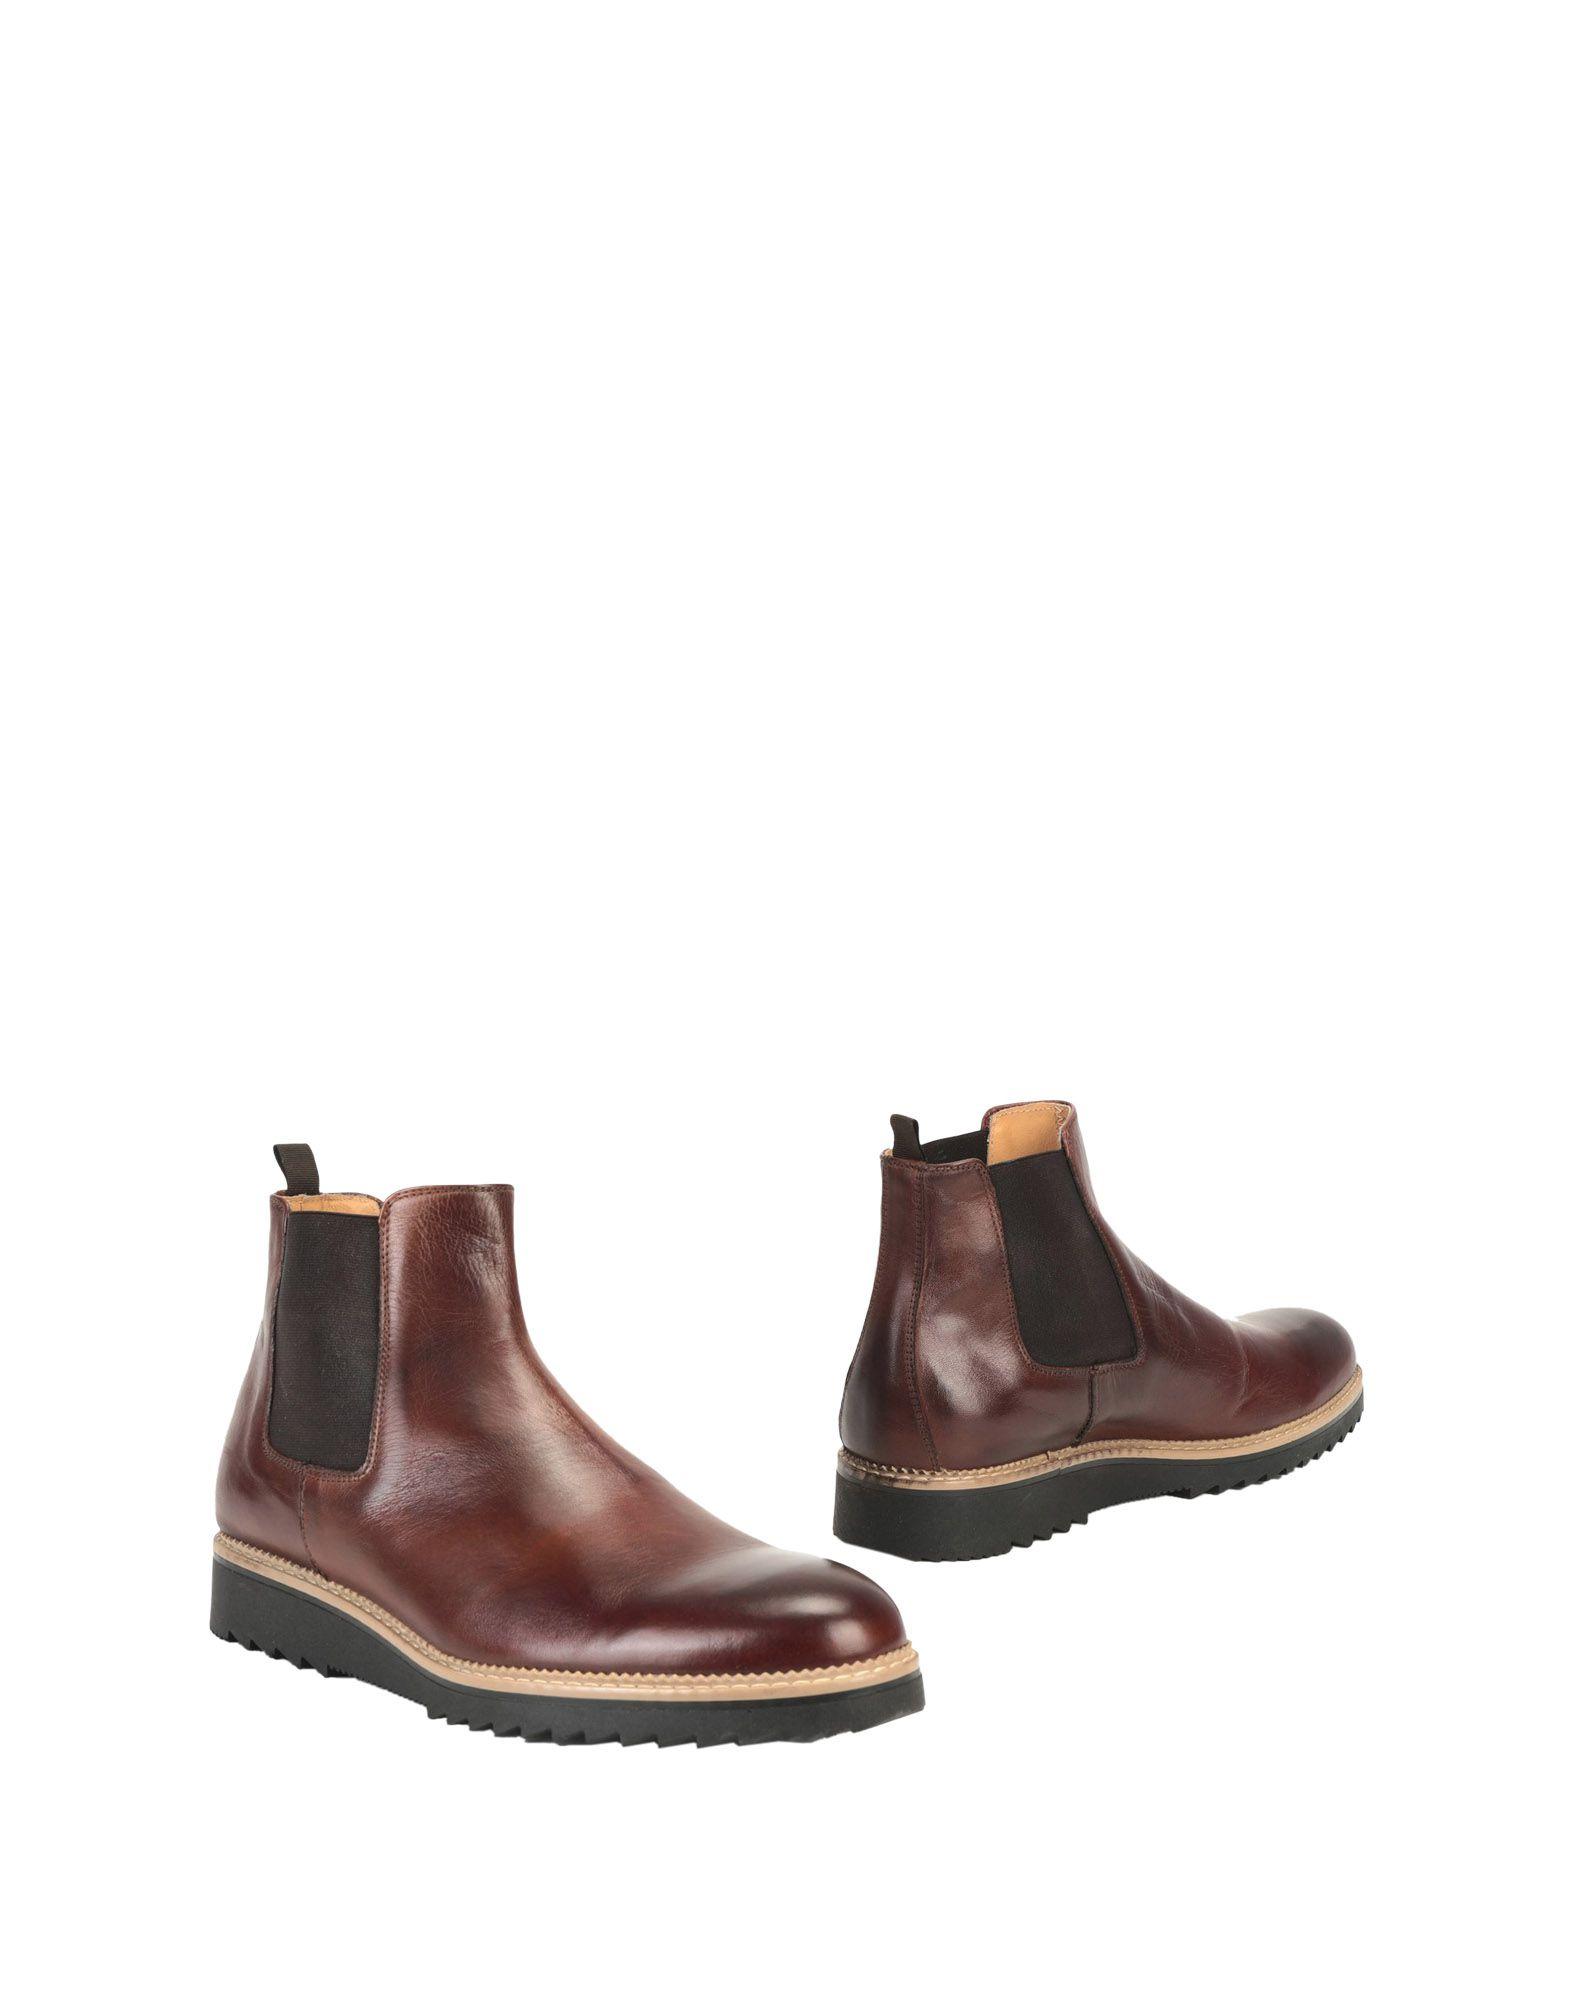 8 by YOOX Полусапоги и высокие ботинки atlantic 16350 41 45